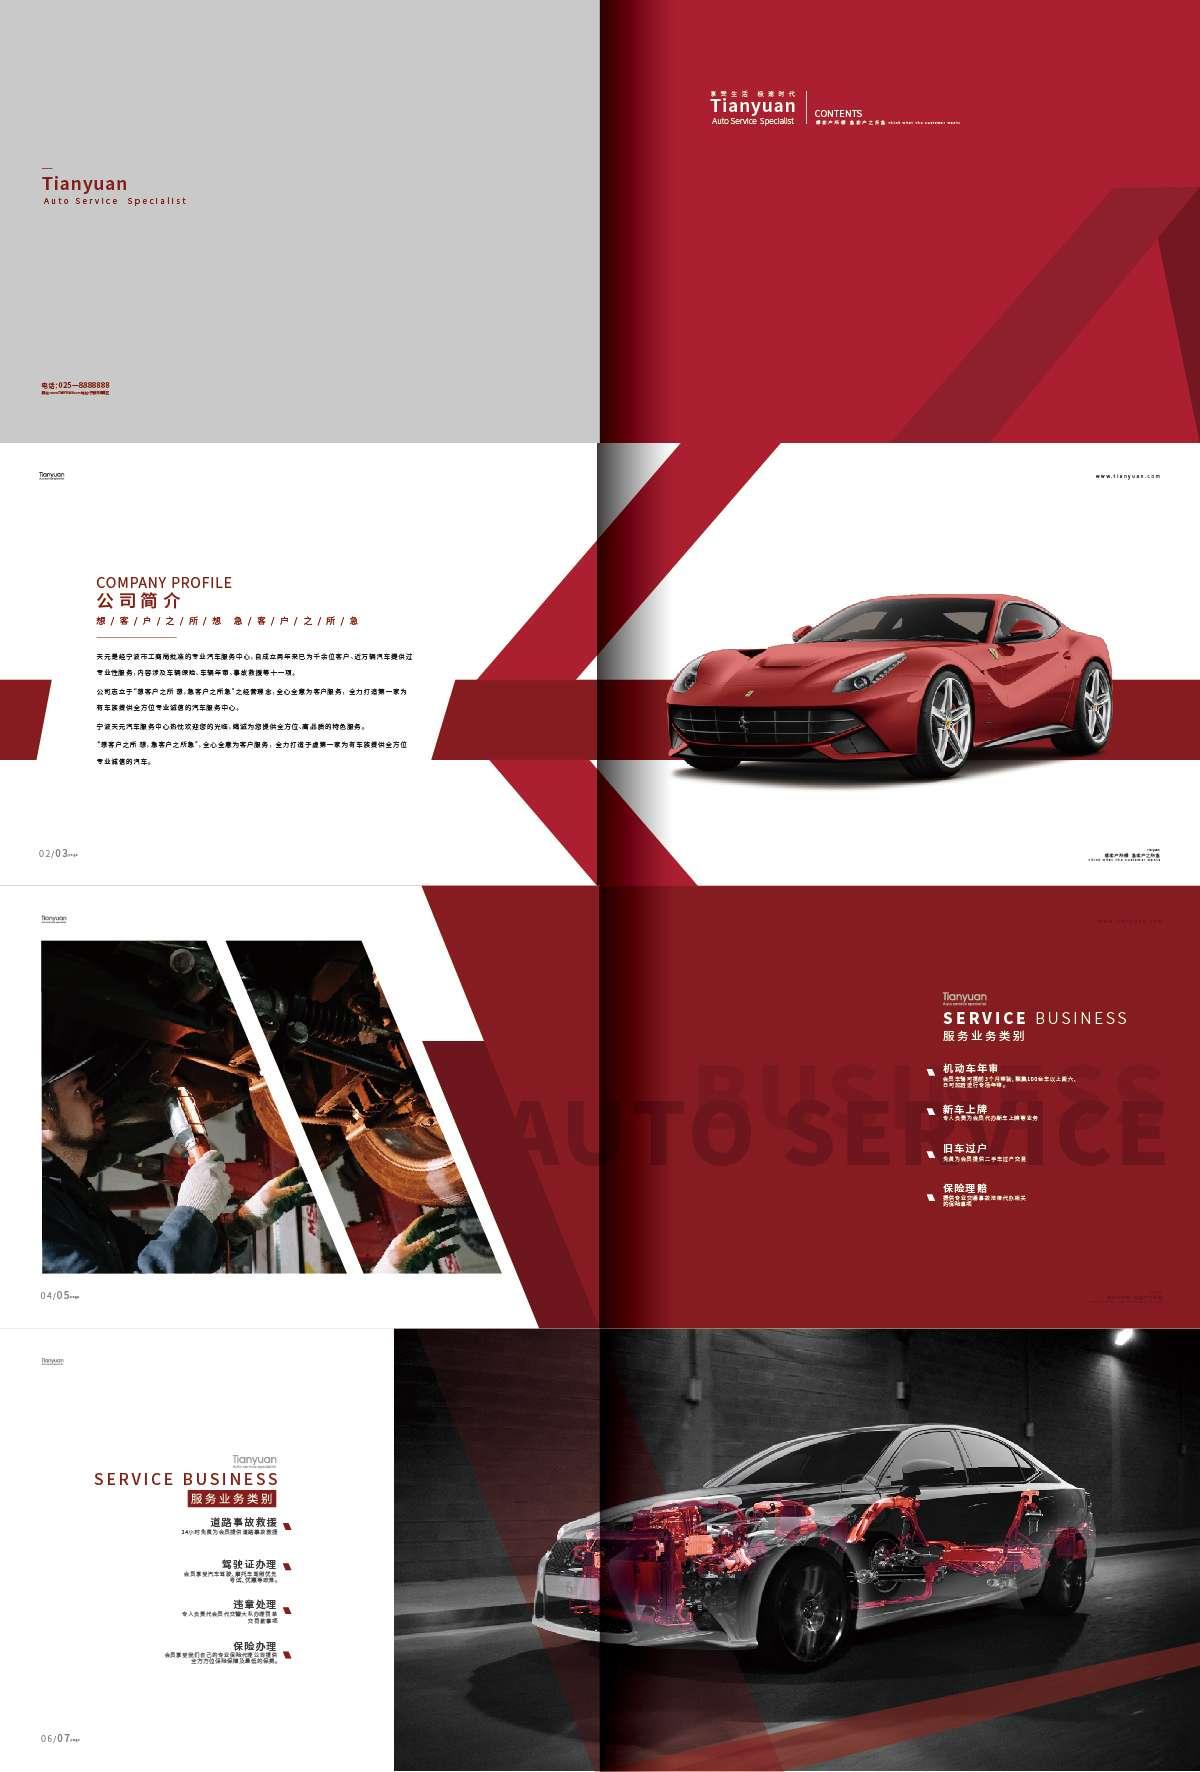 車.jpg